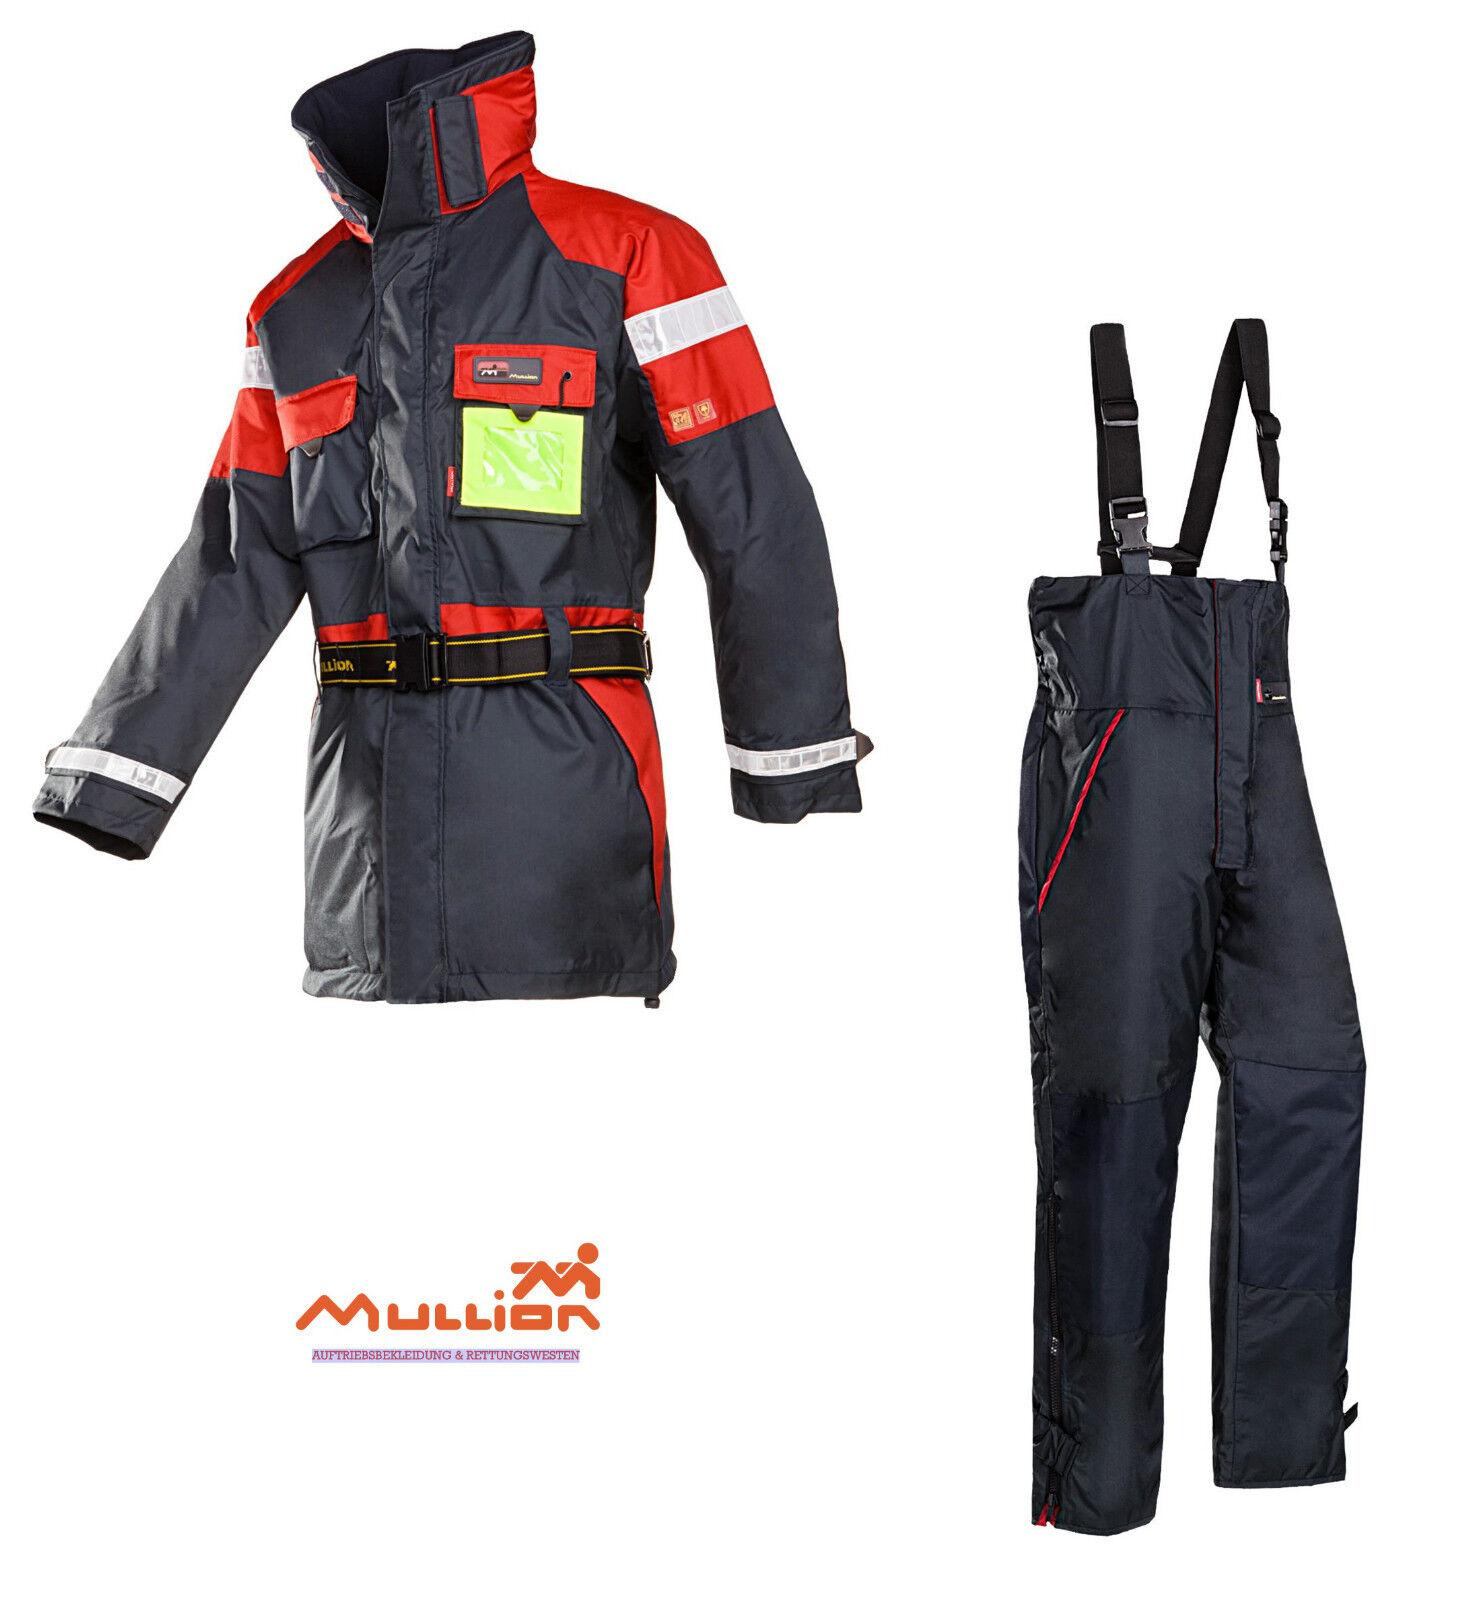 Traje  Mullion aquafloat súperior-set chaqueta (1mm8) + pantalones (1mq3) Floating  bienvenido a elegir